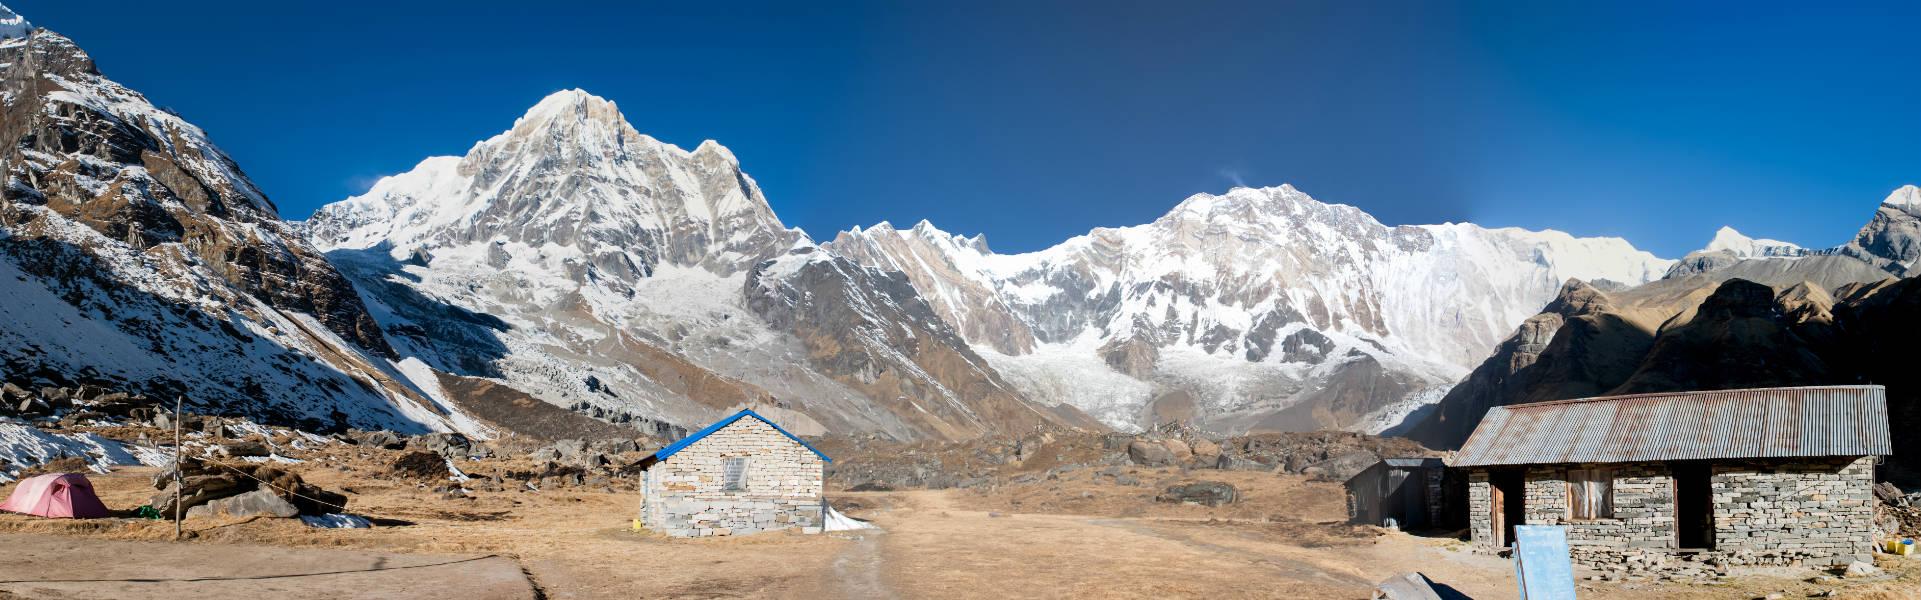 Annapurna Base Camp, Annapurna Region